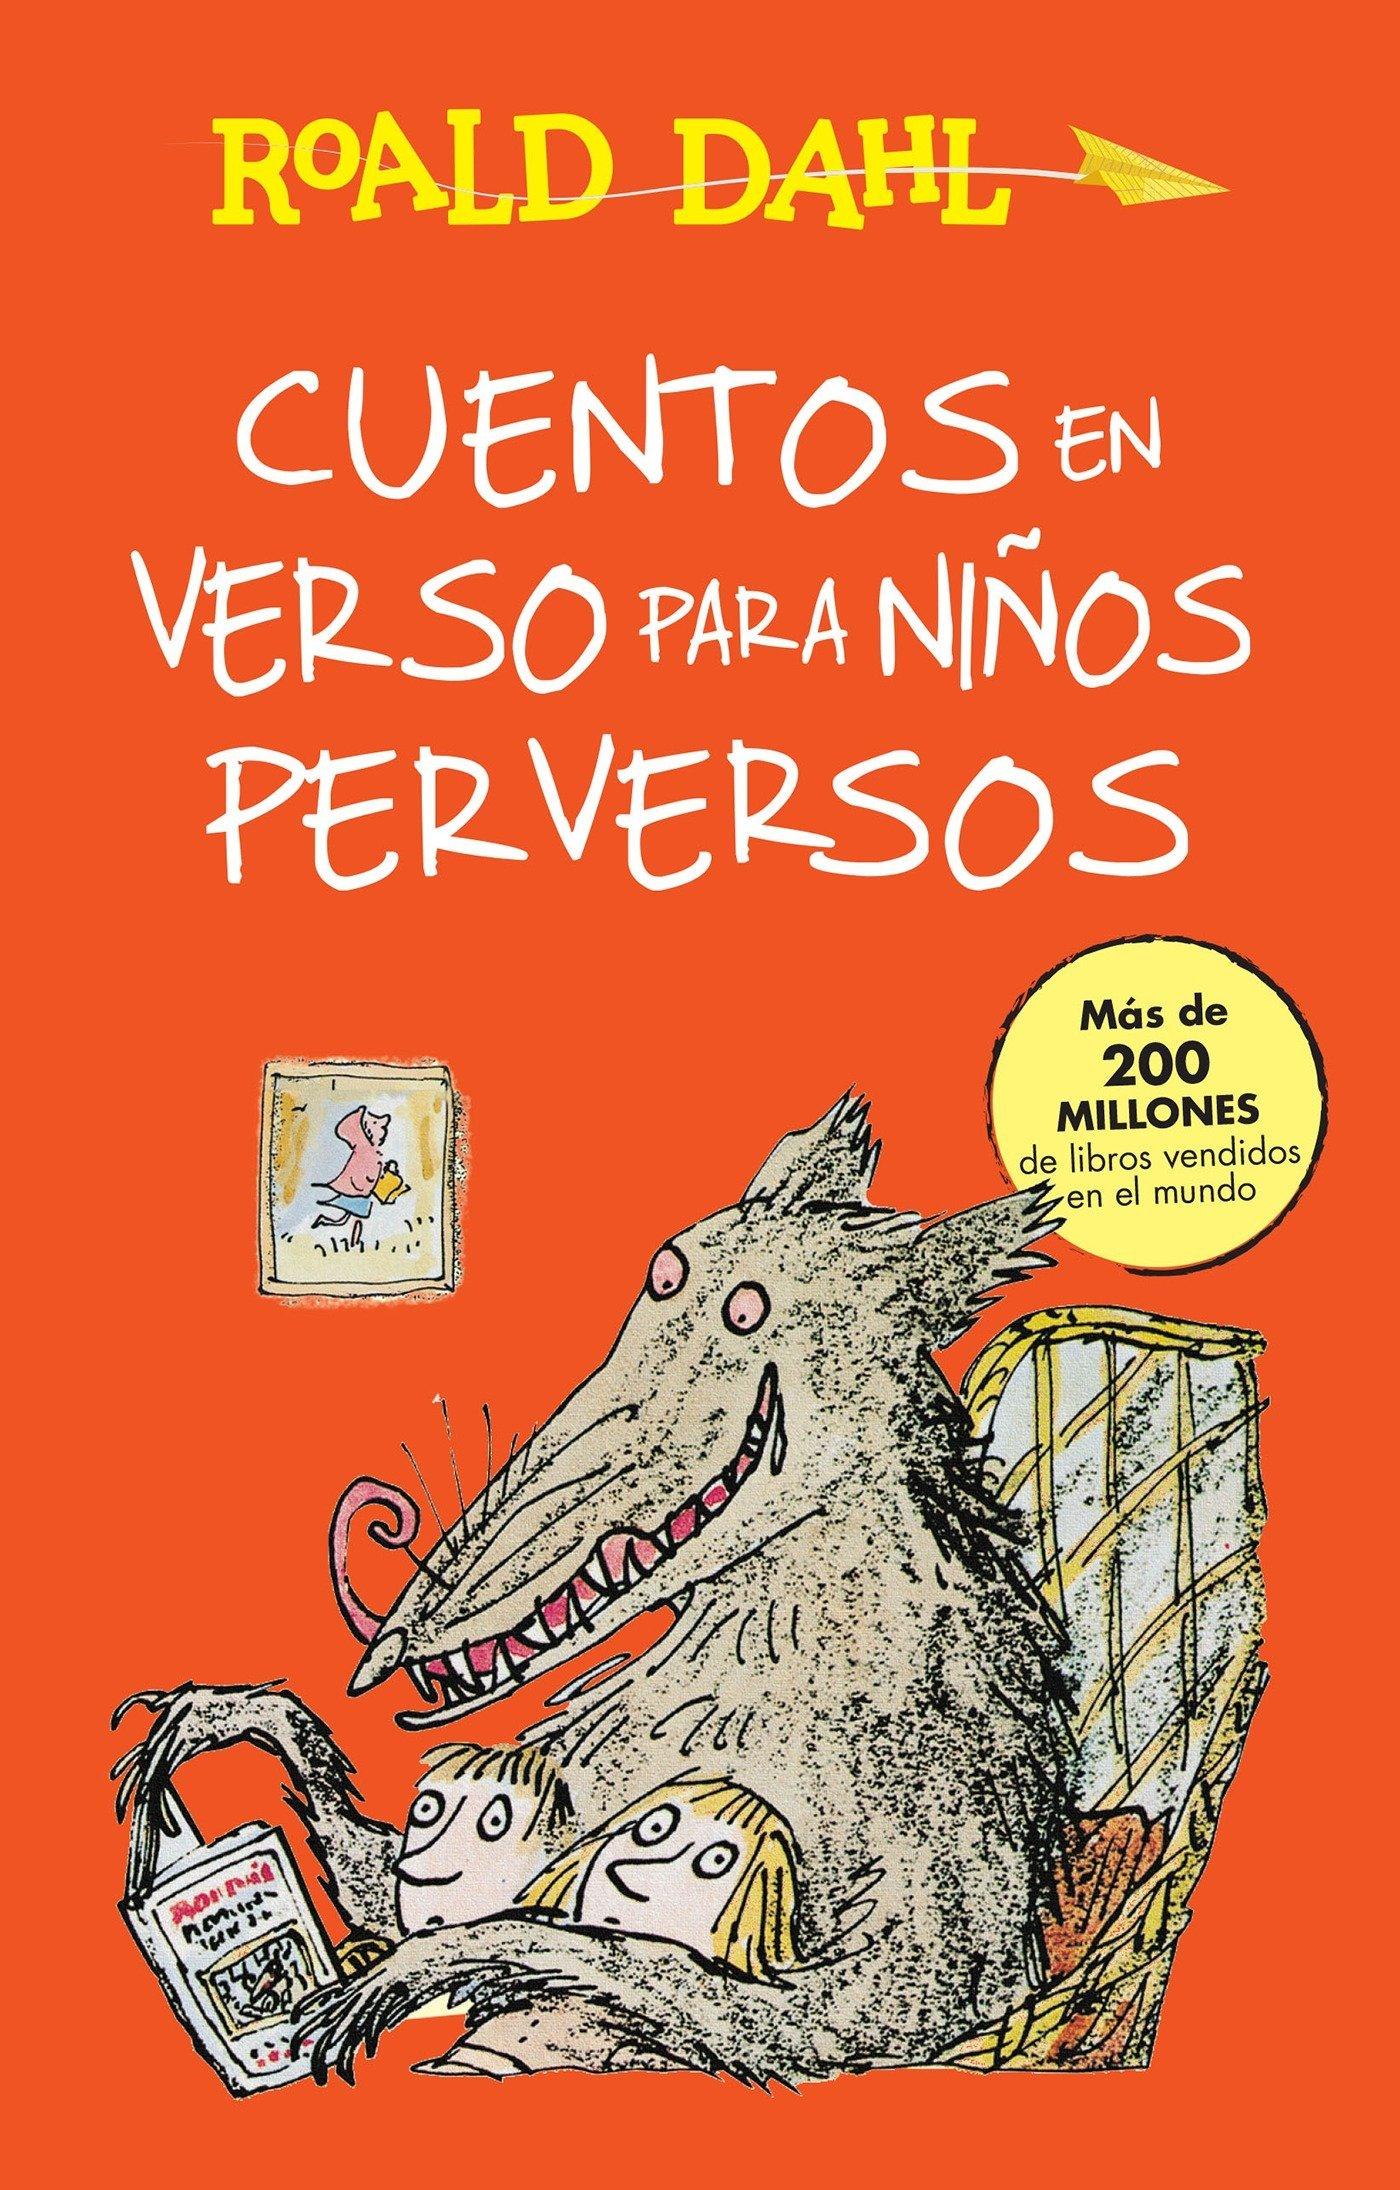 Cuentos en verso para niños perversos / Revolting Rhymes: COLECCIoN DAHL (Roald Dalh Colecction) (Spanish Edition) PDF